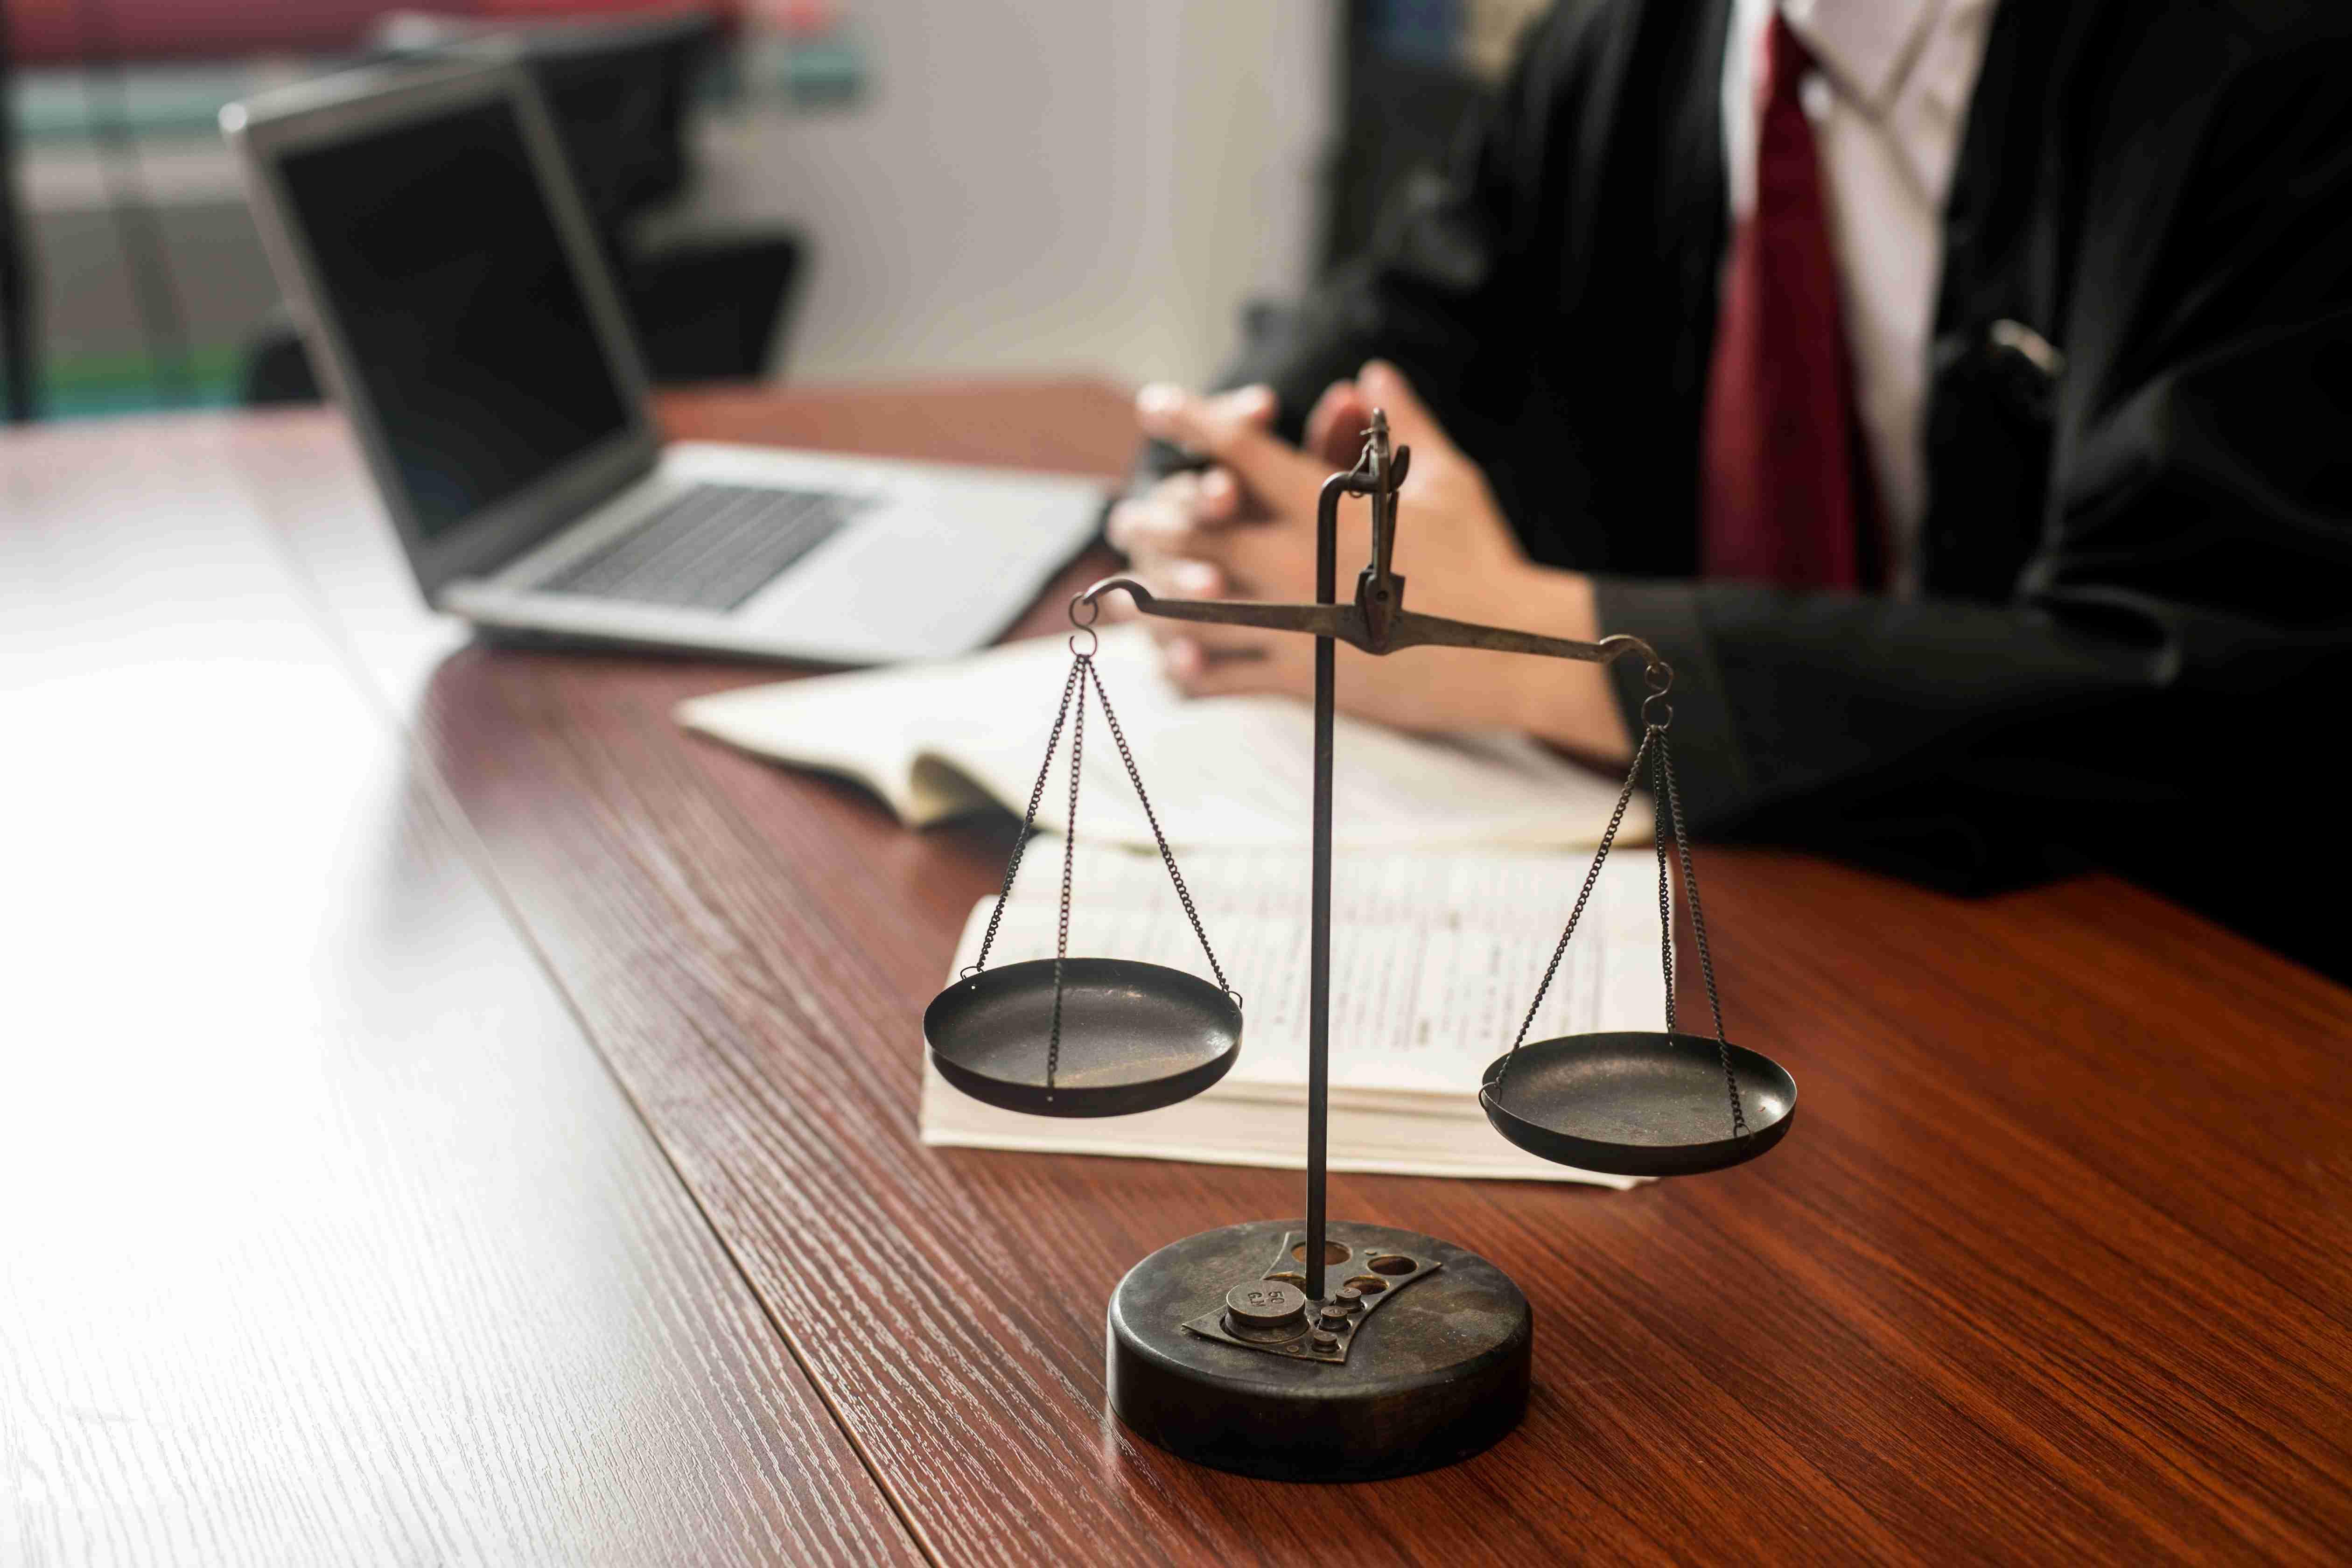 专利敲诈勒索案一审判决书分析解读